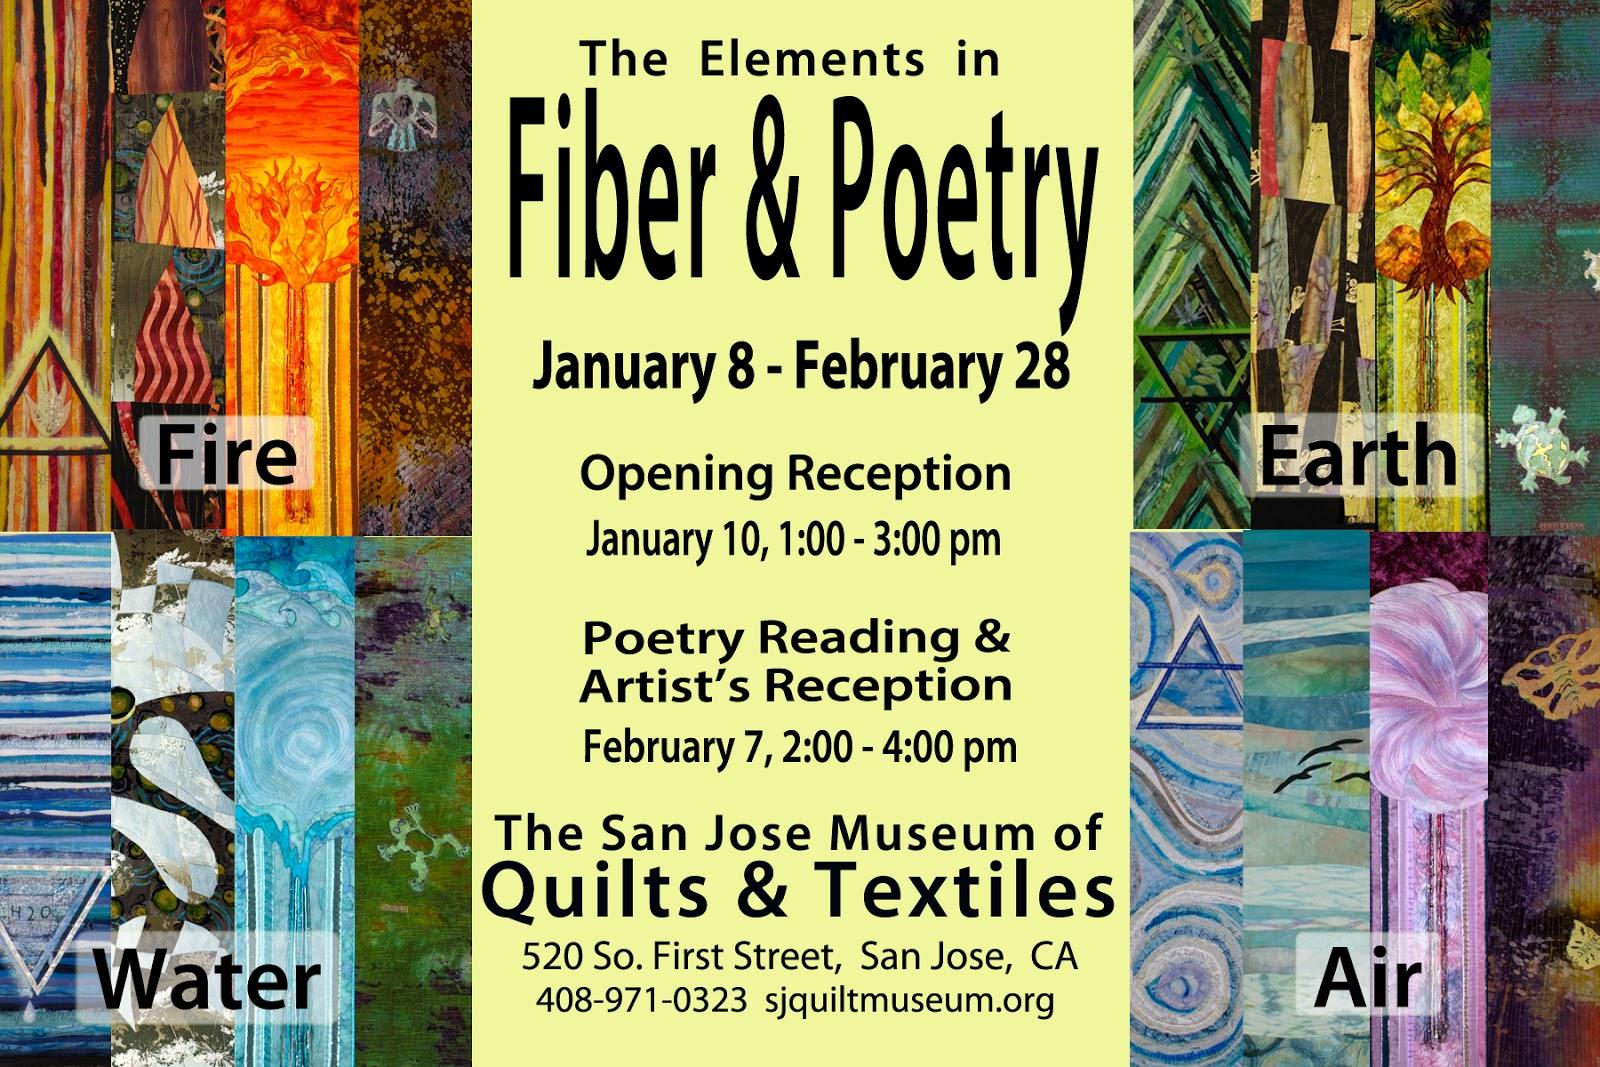 San Jose Quilt & Textile Museum